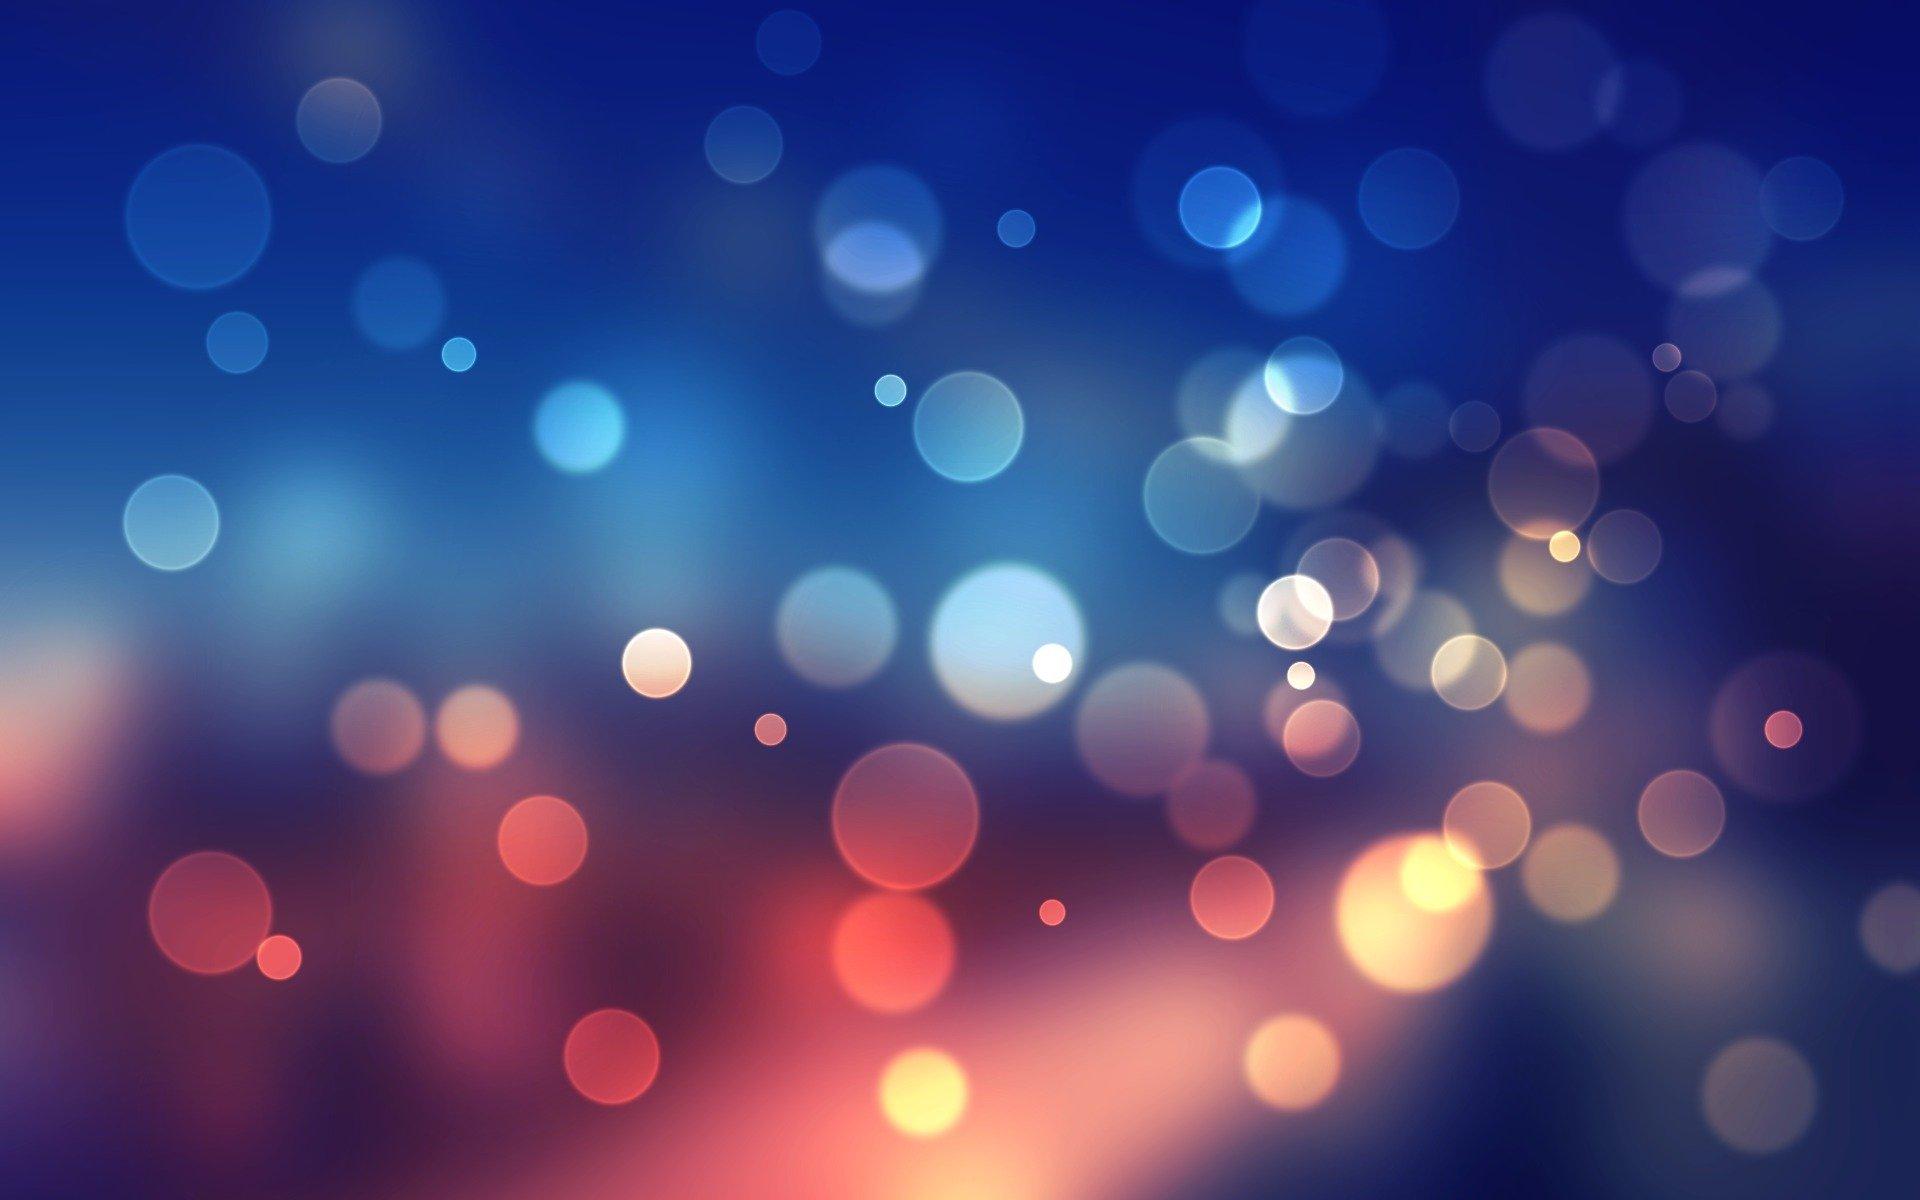 Wallpaper Focus >> Lights Blur wallpaper | 1920x1200 | 870917 | WallpaperUP